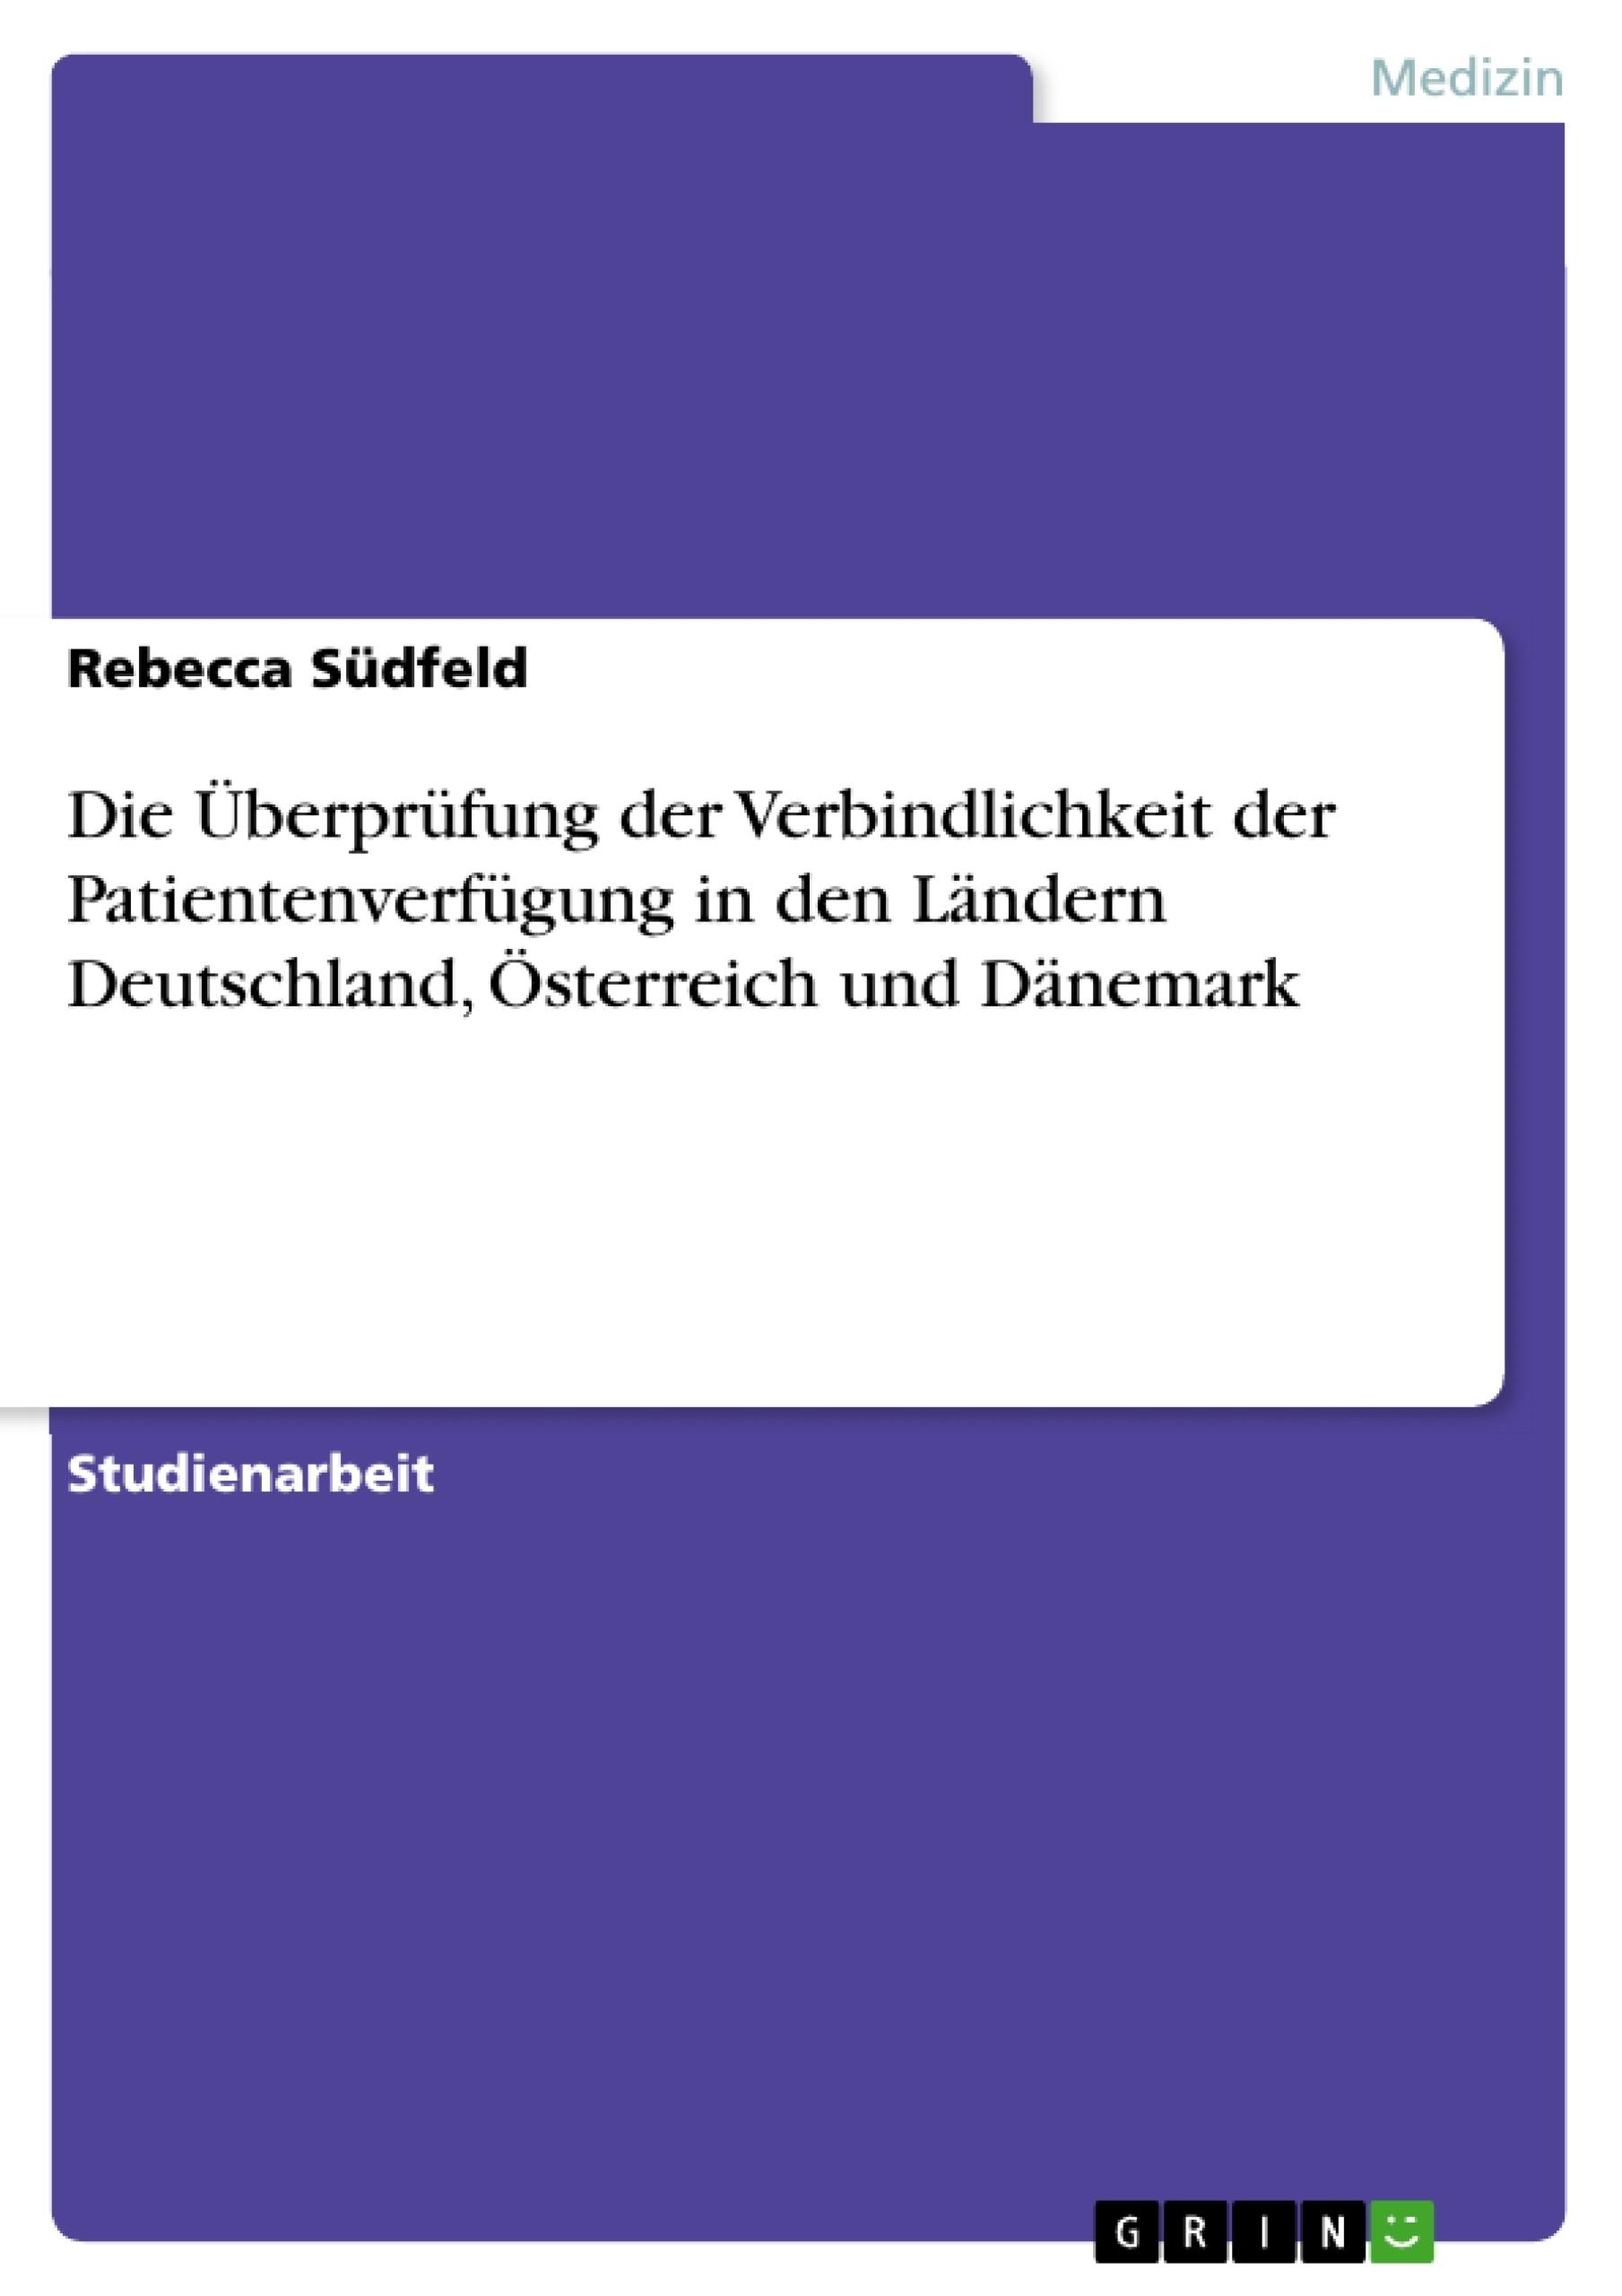 Titel: Die Überprüfung der Verbindlichkeit der Patientenverfügung in den Ländern Deutschland, Österreich und Dänemark